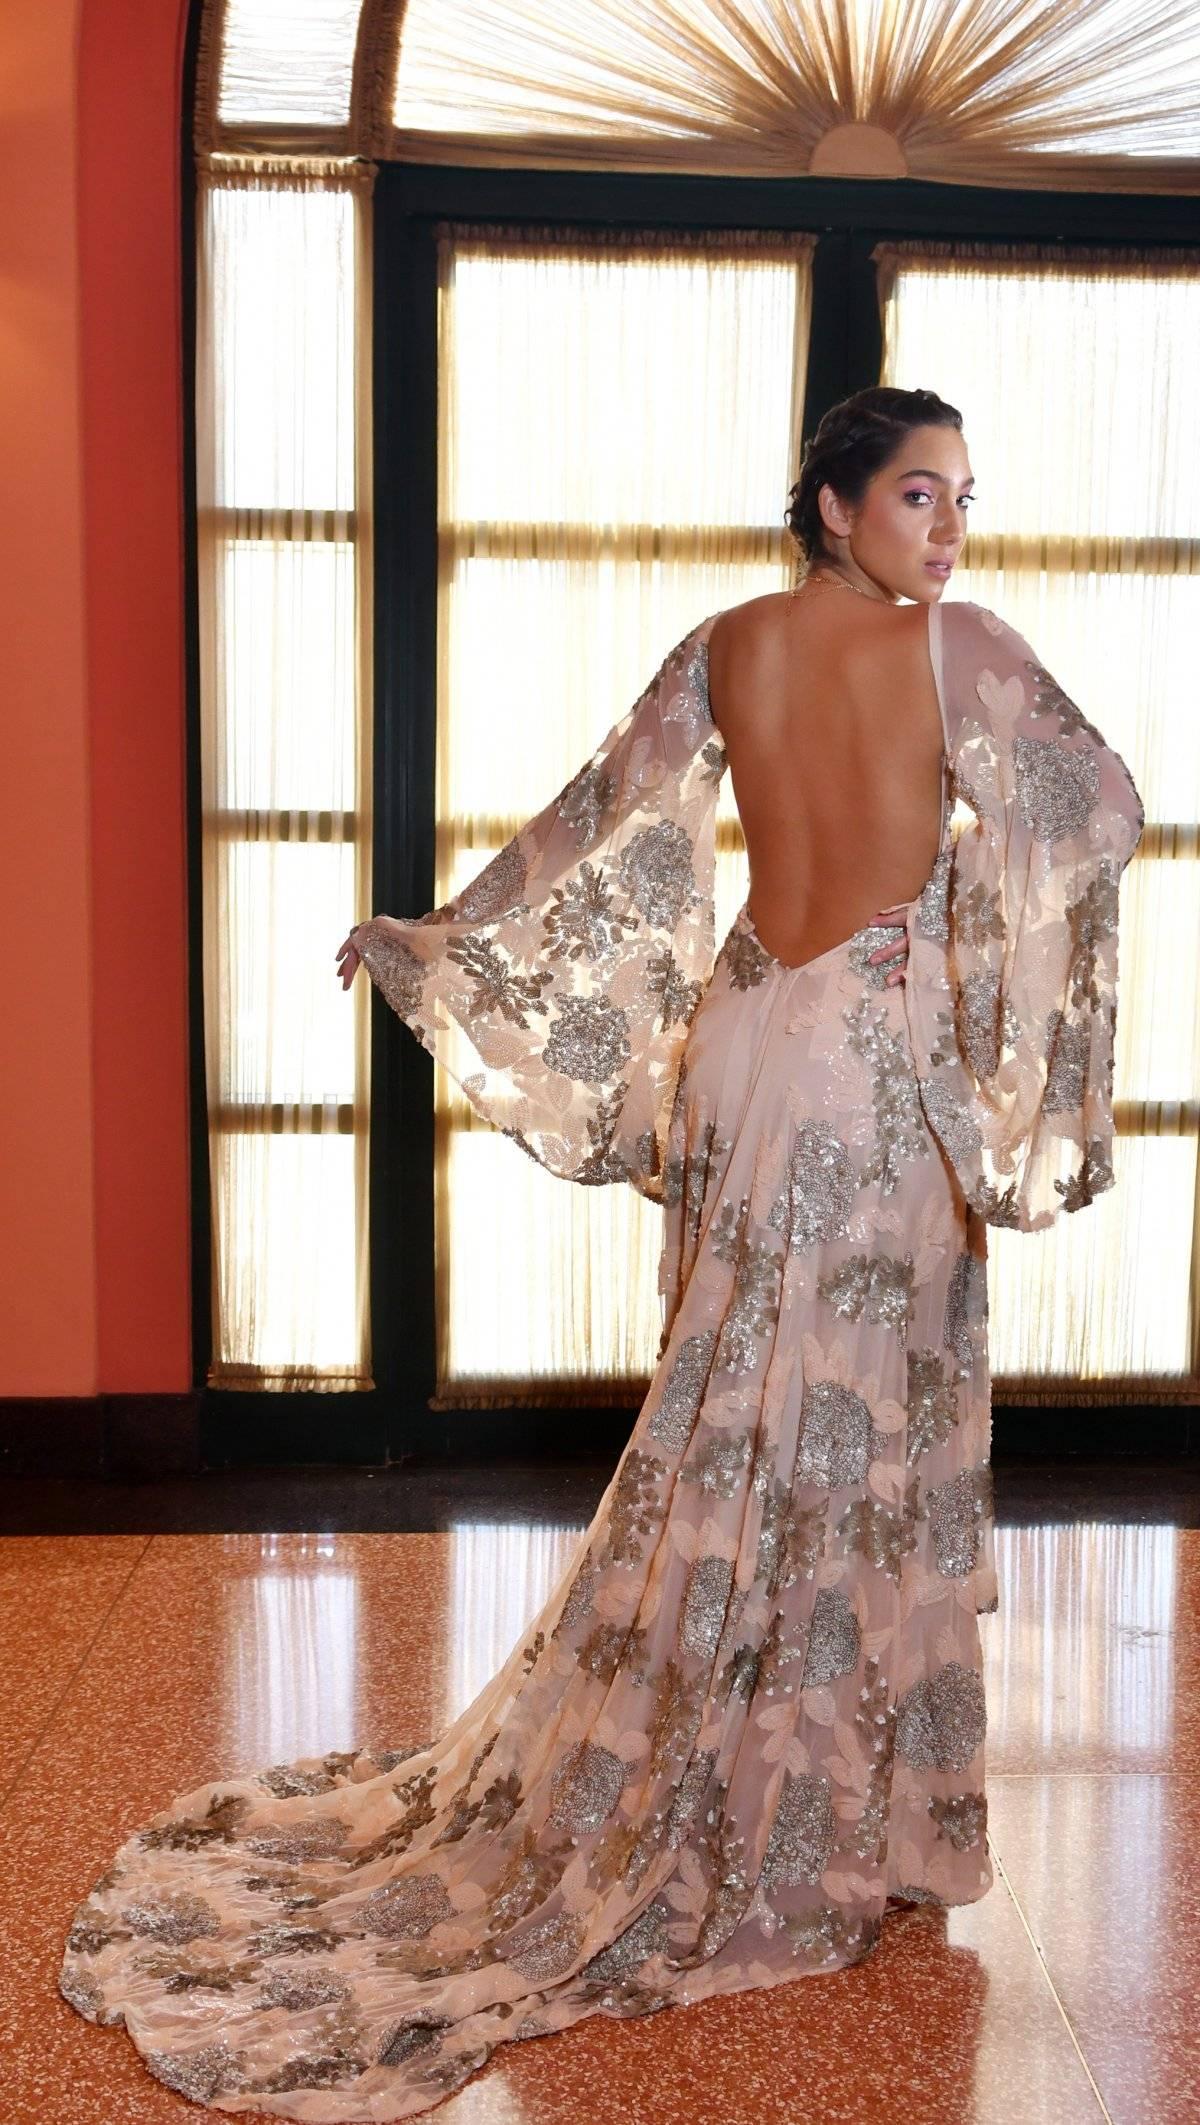 Vestido largo en tul nude, bordado en flores de lentejuelas con escote profundo en el frente y en la espalda. Accesorios: BVLGARI / Foto: Dennis Jones